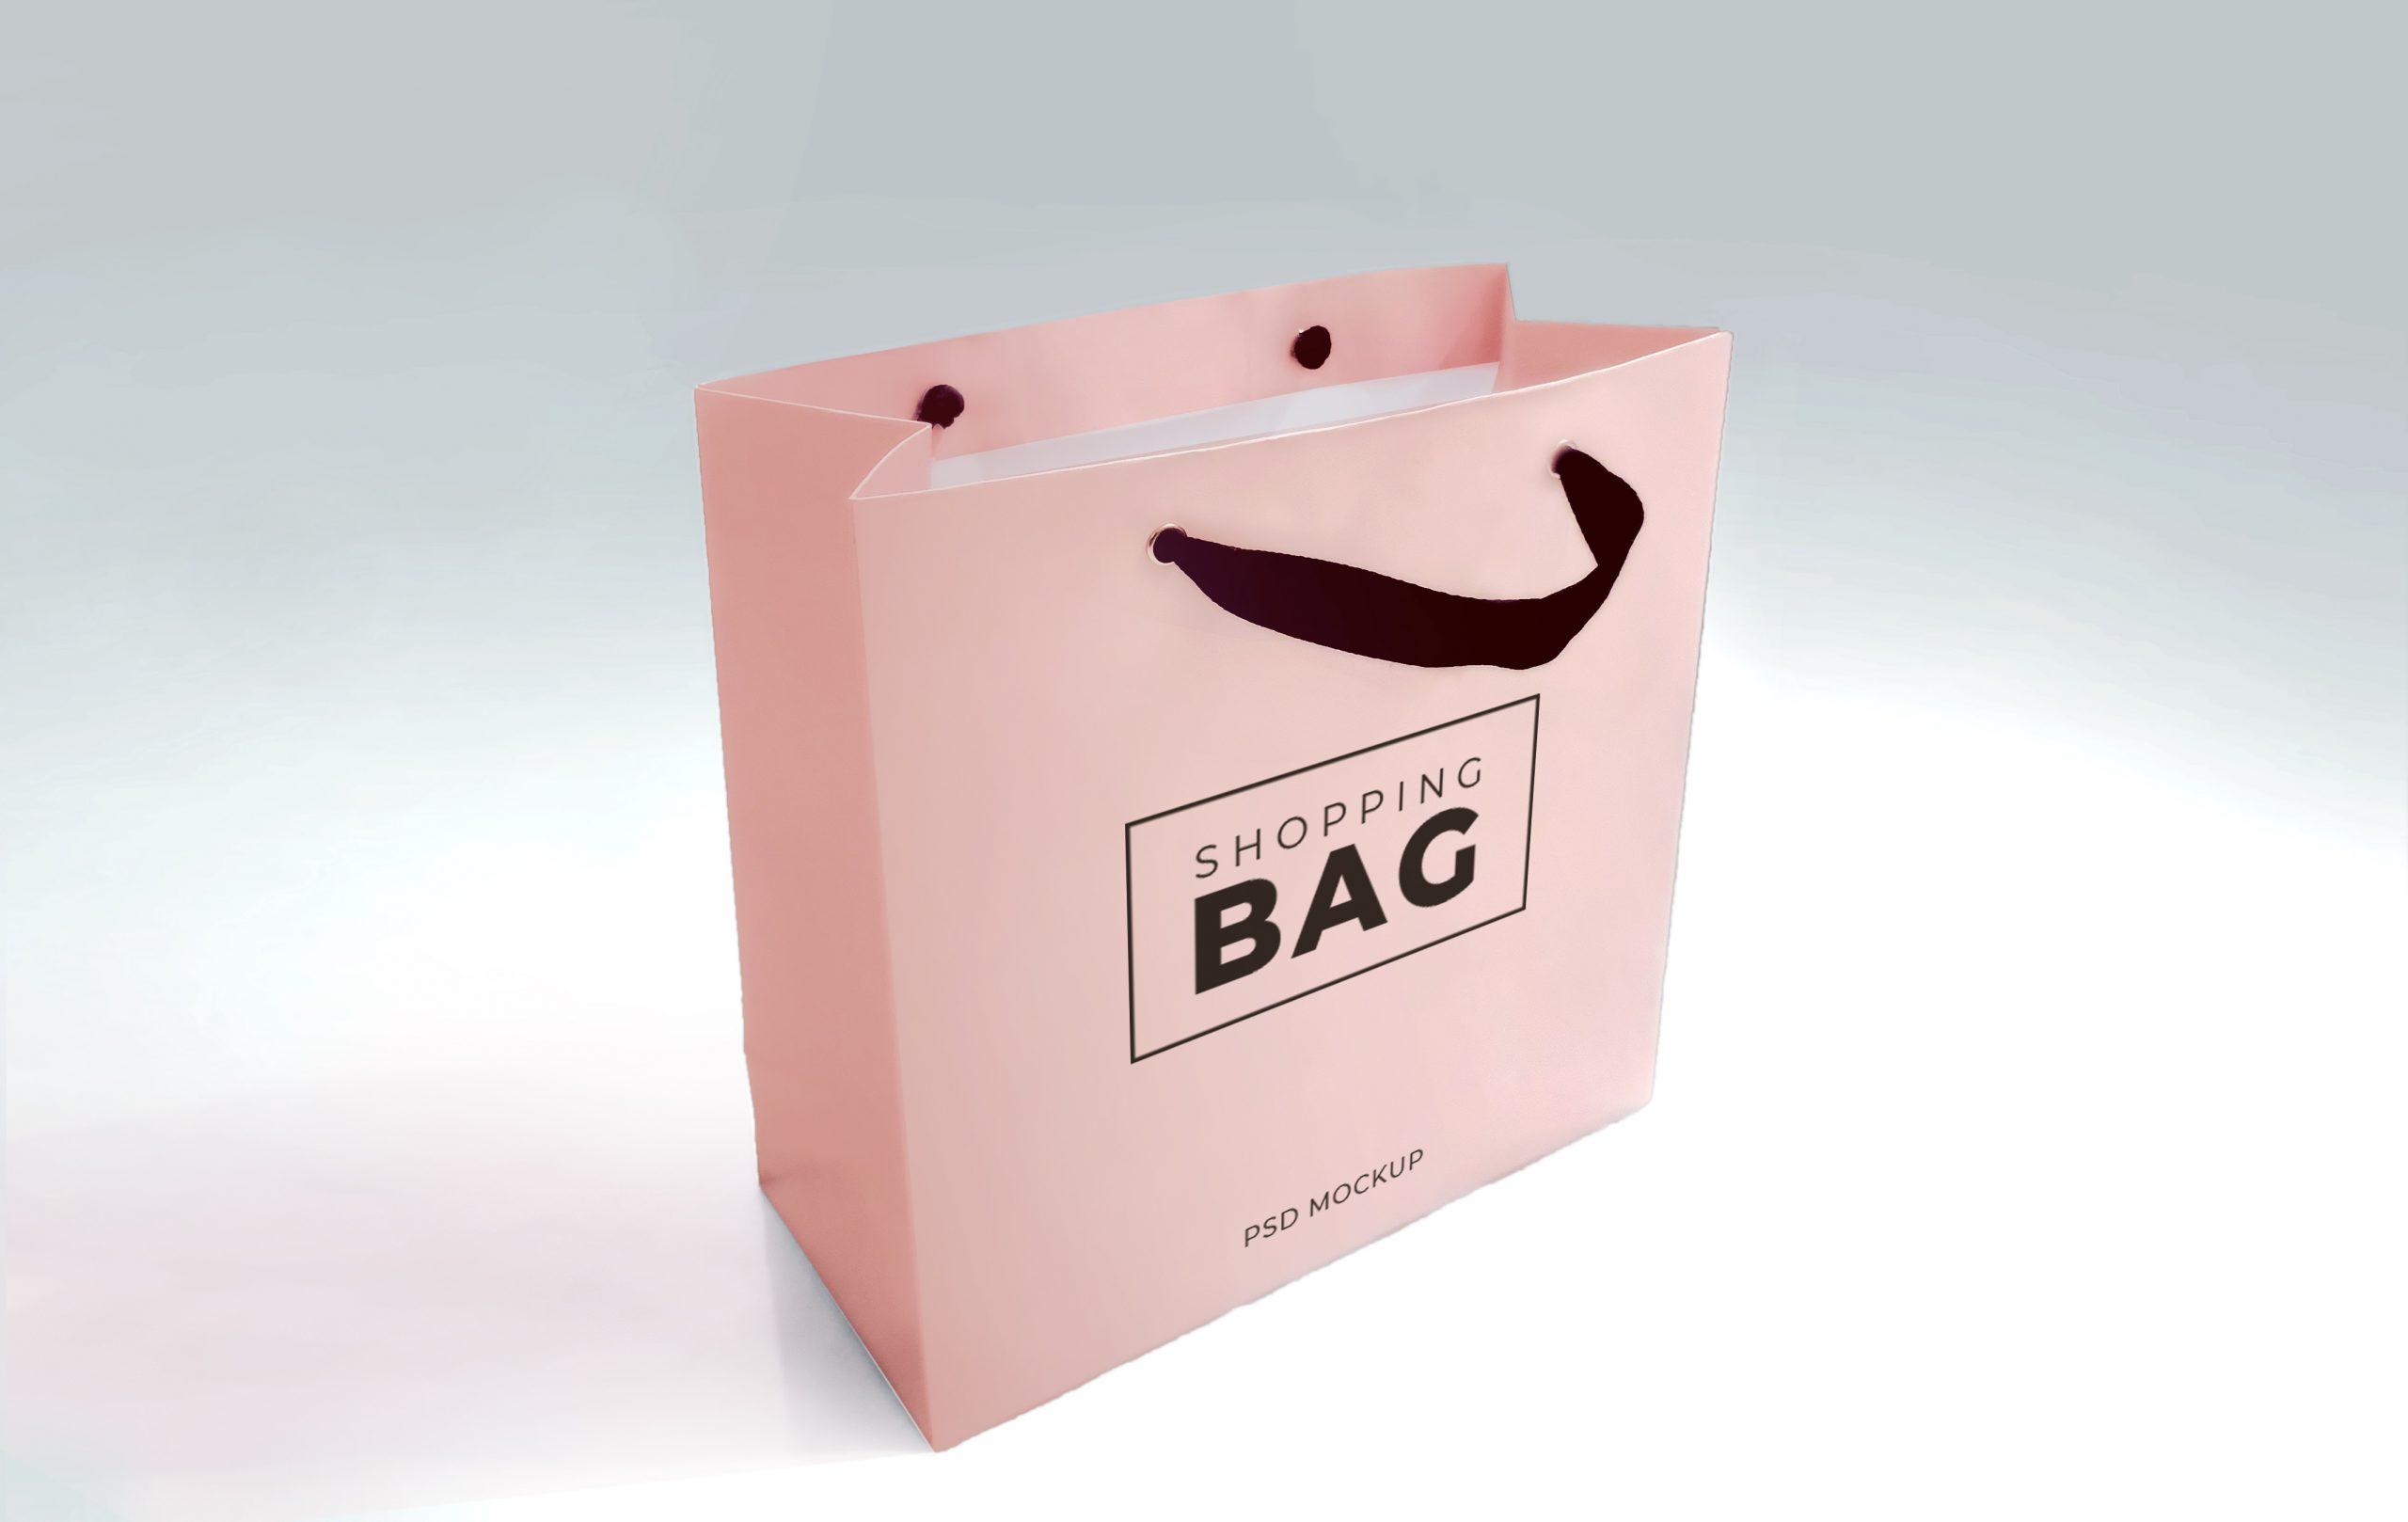 オリジナル紙袋は小ロットでも格安で印刷できる!商品のブランド価値を高めよう